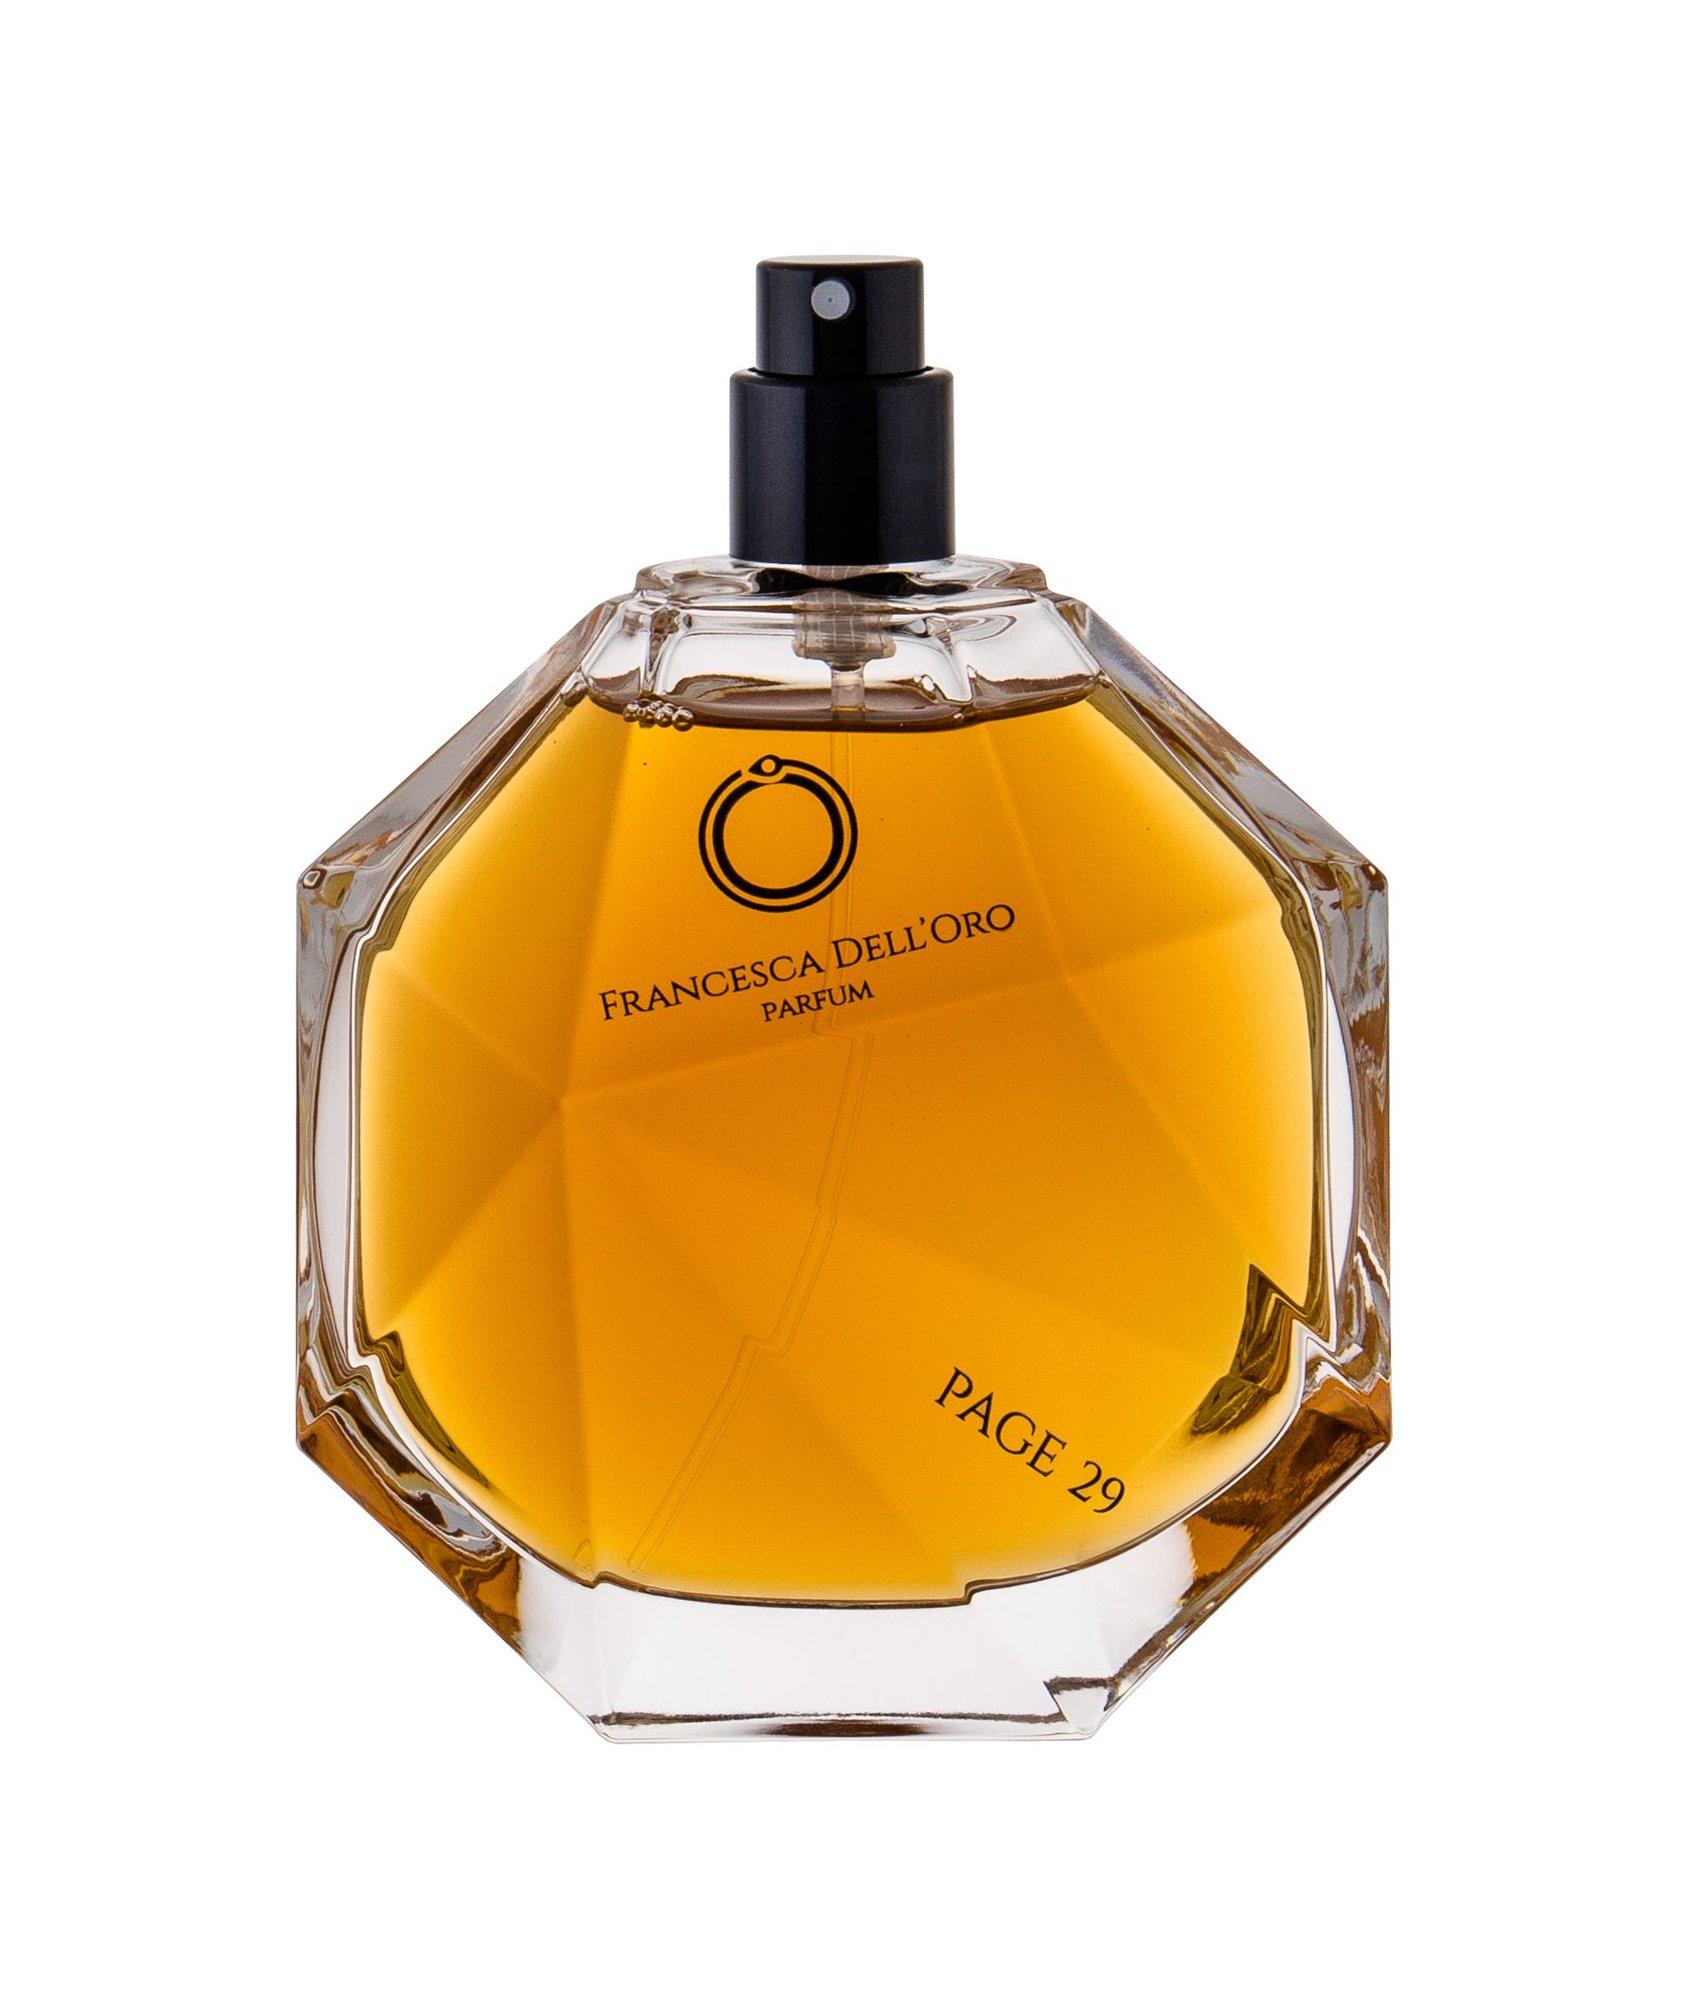 Francesca dell´Oro Page 29 Eau de Parfum 100ml